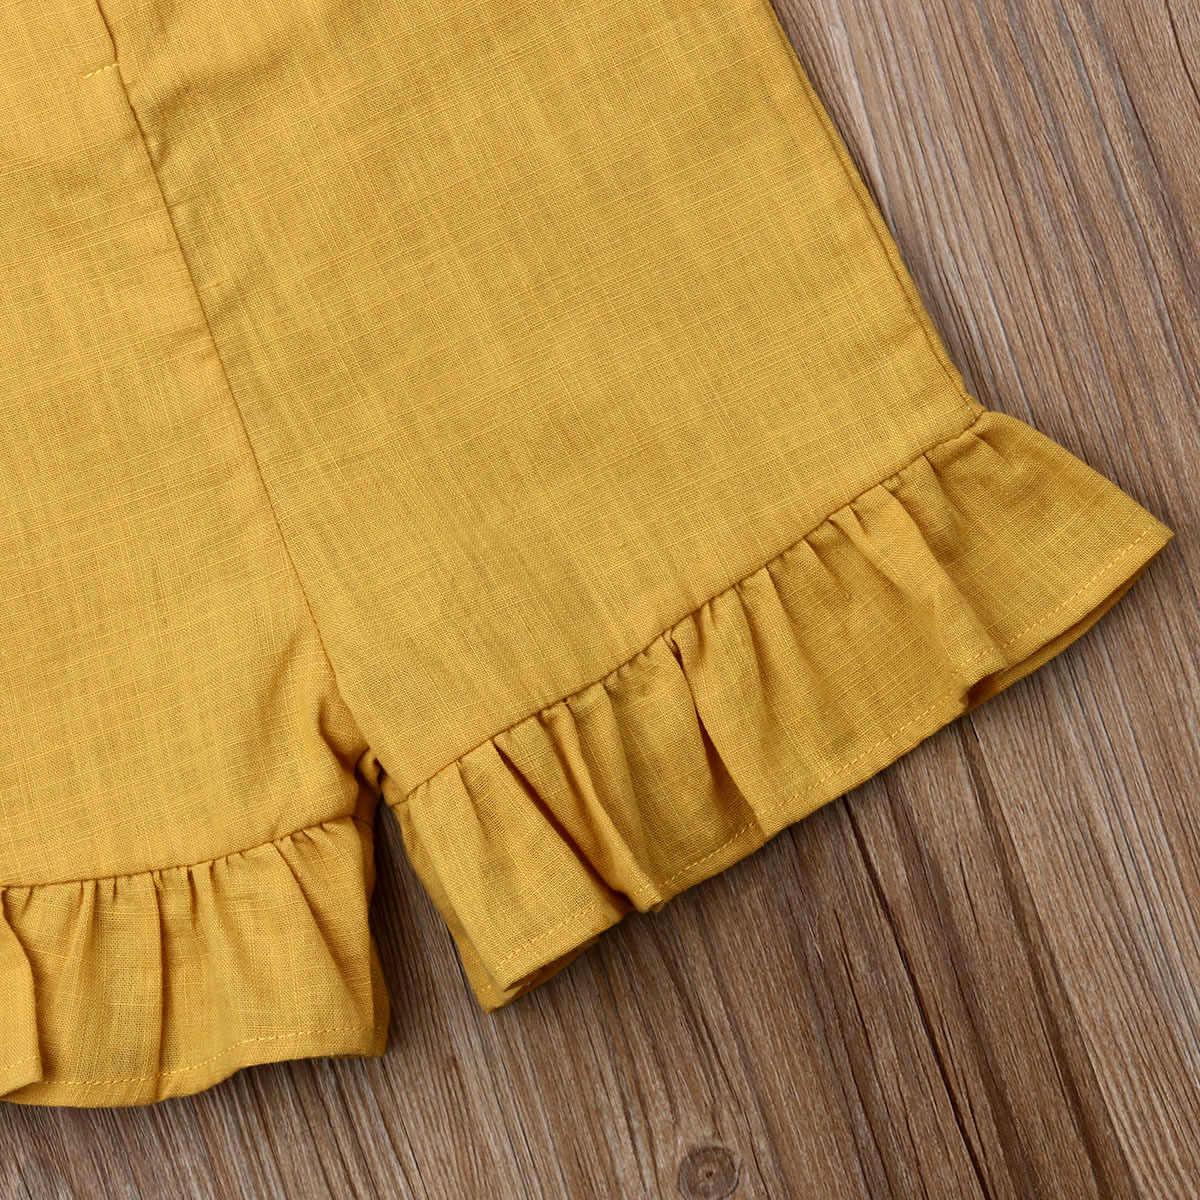 2019 베이비 여름 의류 키즈 베이비 걸 스트랩 romper clothes ruffle 민소매 벨트 솔리드 원피스 bib overalls outfits 1-6y